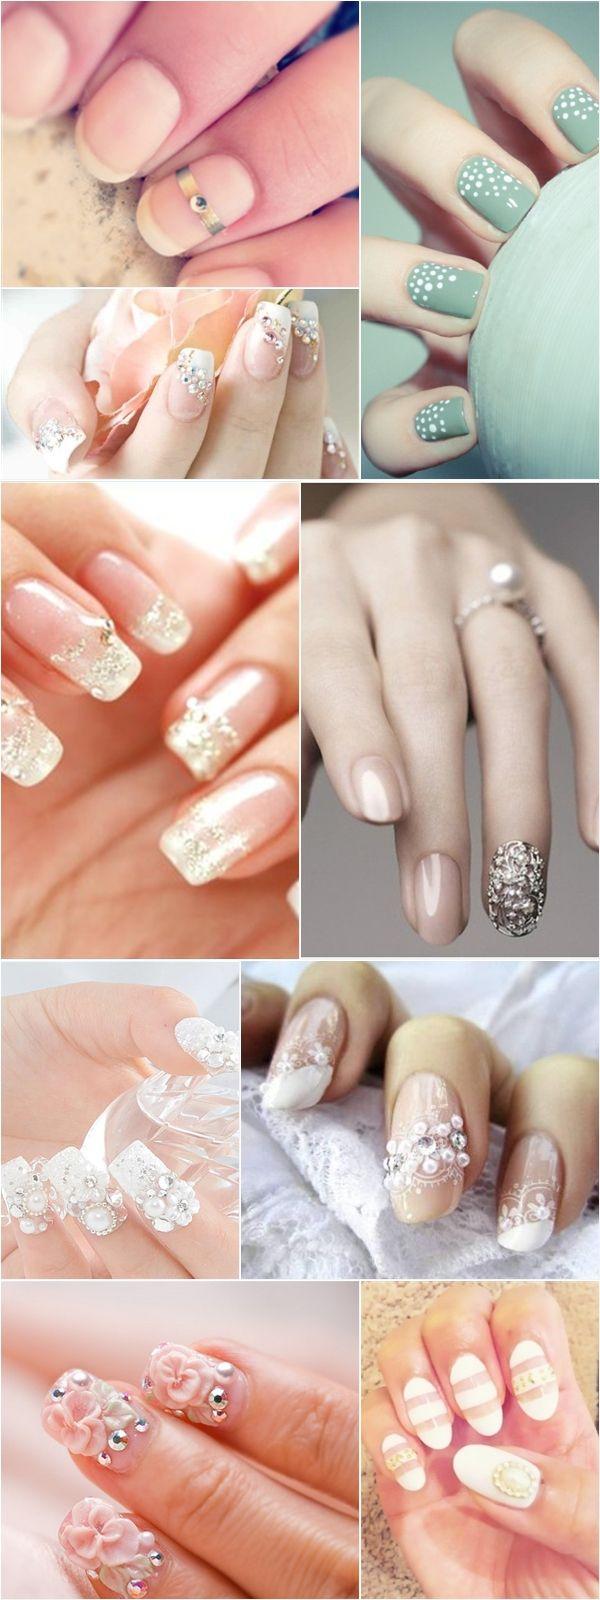 Recopilación de nail art de colores claros.